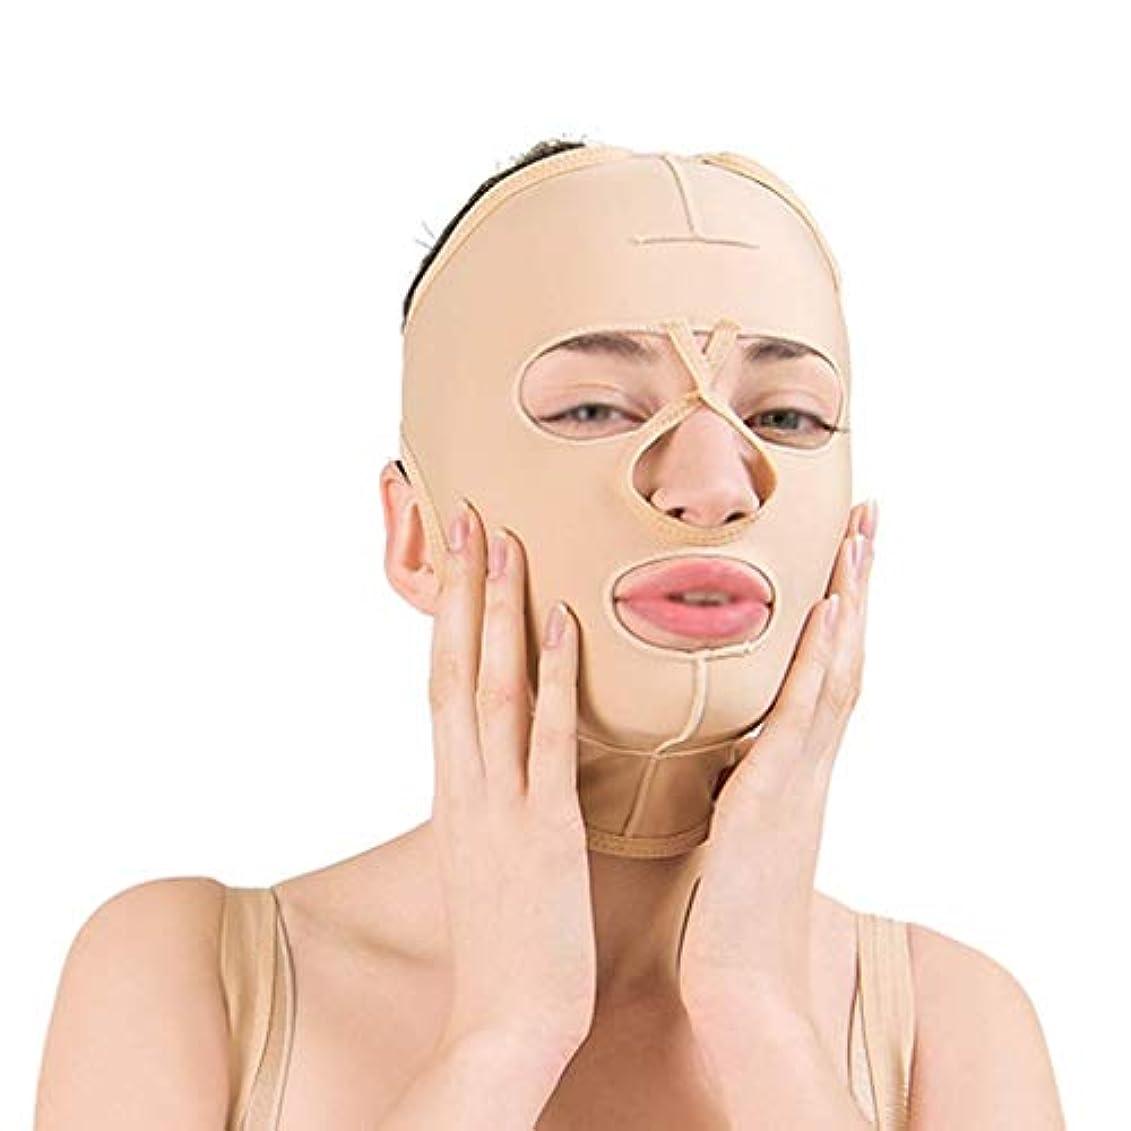 フォーム金銭的な素晴らしい良い多くのフェイススリミングマスク、フェイスバンデージ付きフェイシャル減量マスク、通気性フェイスリフト、引き締め、フェイスリフティング(サイズ:L),S